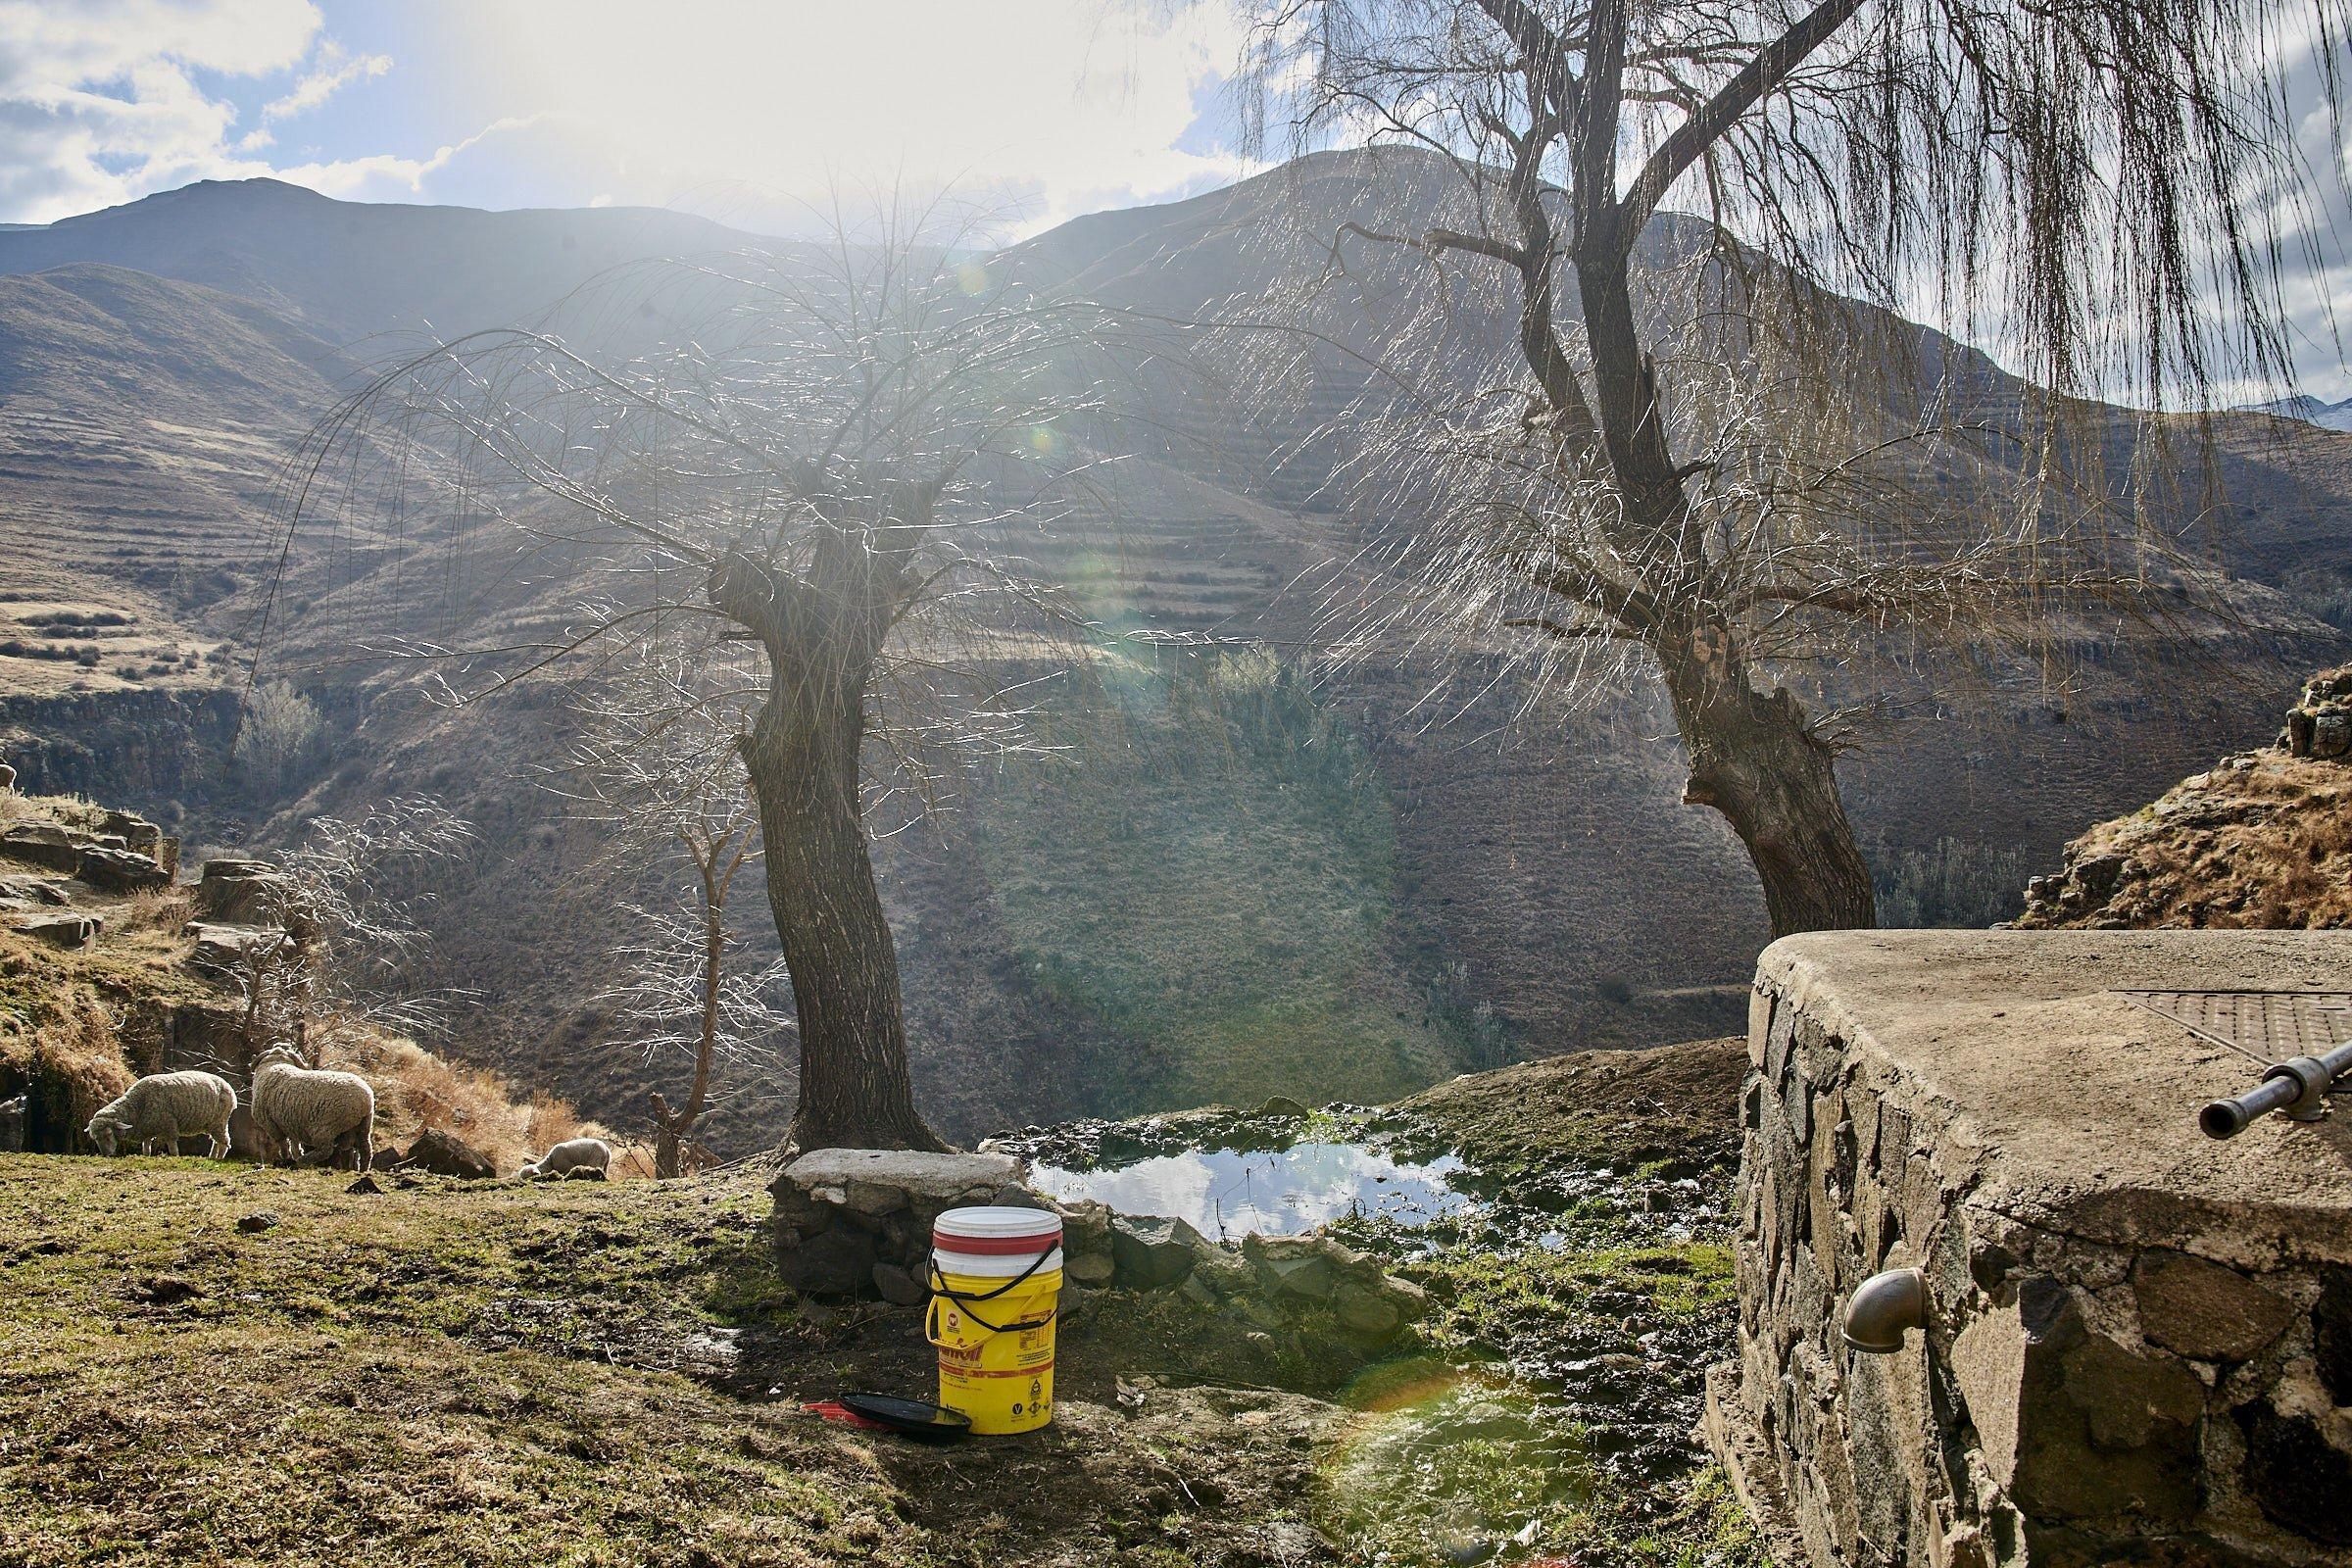 Schafe grasen vor einer Wasserstelle, die gegenüberliegenden Hänge wirken durch die Überweidung fast terassiert